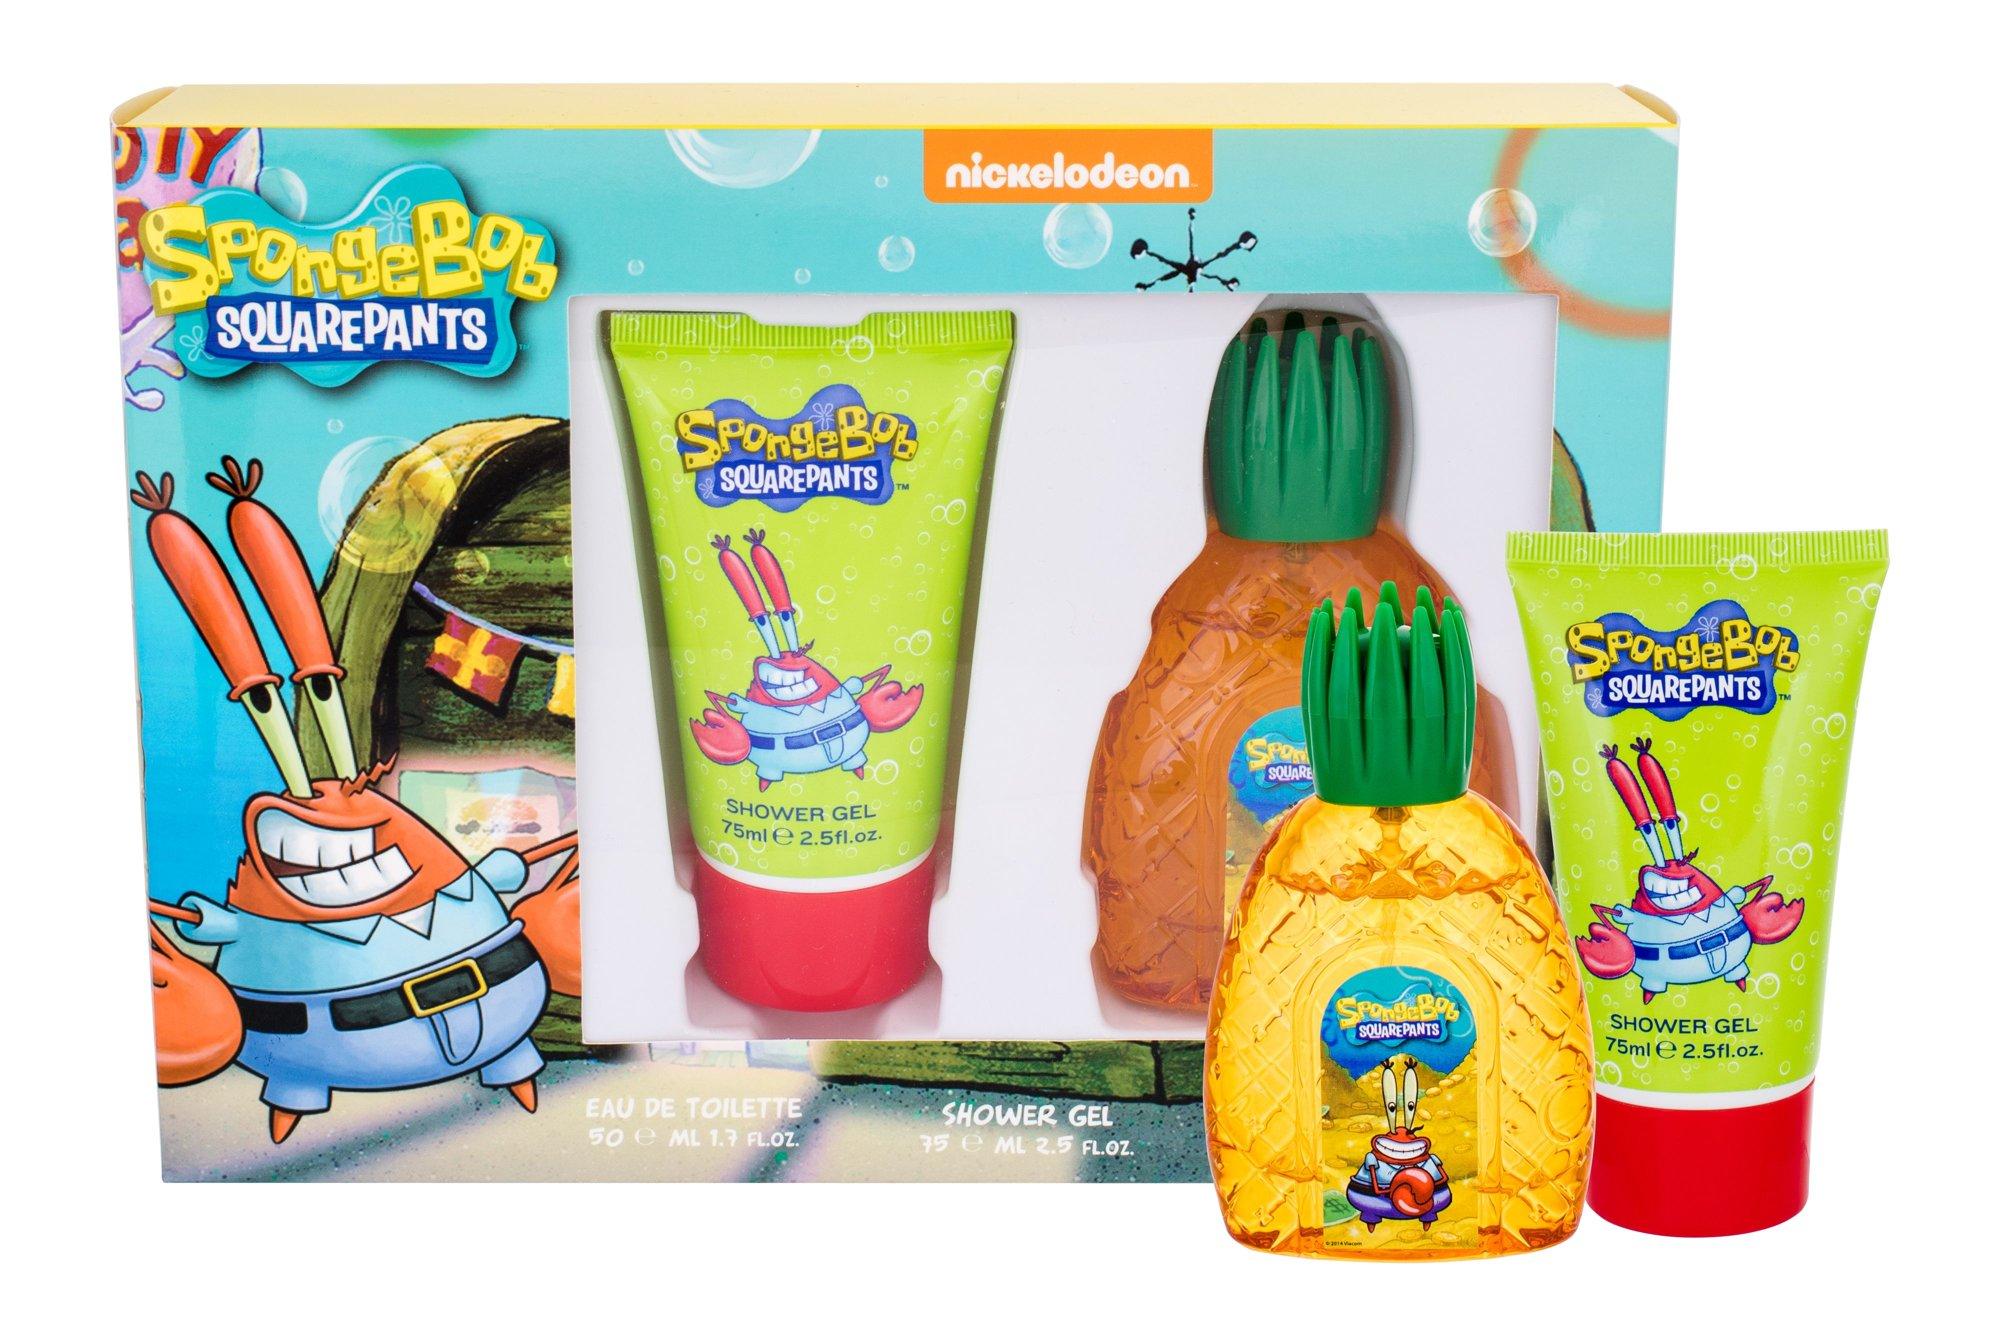 SpongeBob Squarepants Mr. Krabs Eau de Toilette 50ml